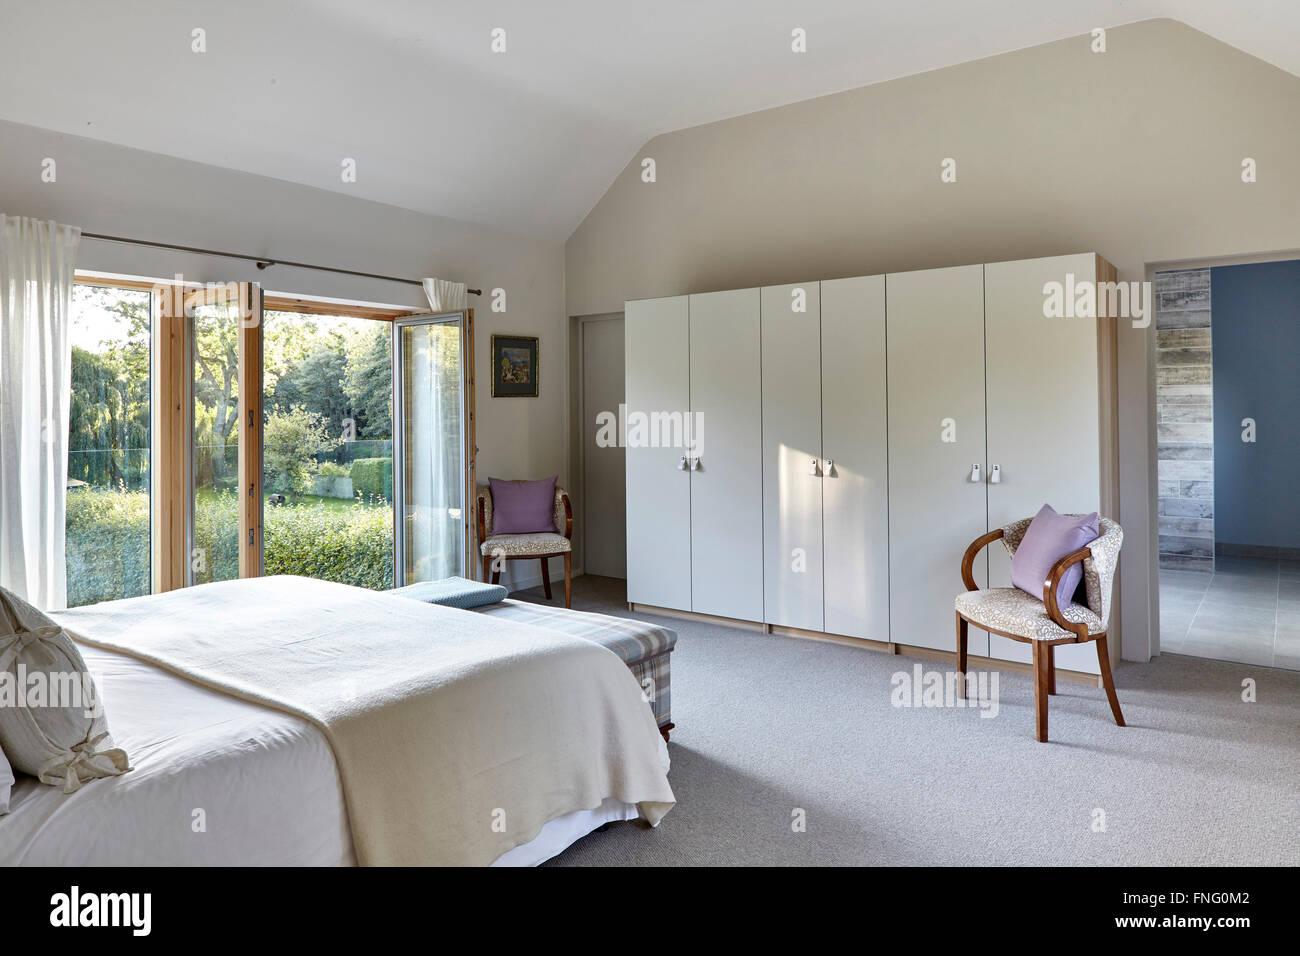 Bagno In Camera Con Vetro : Master camera da letto con vista al bagno e doppio vetro a piena